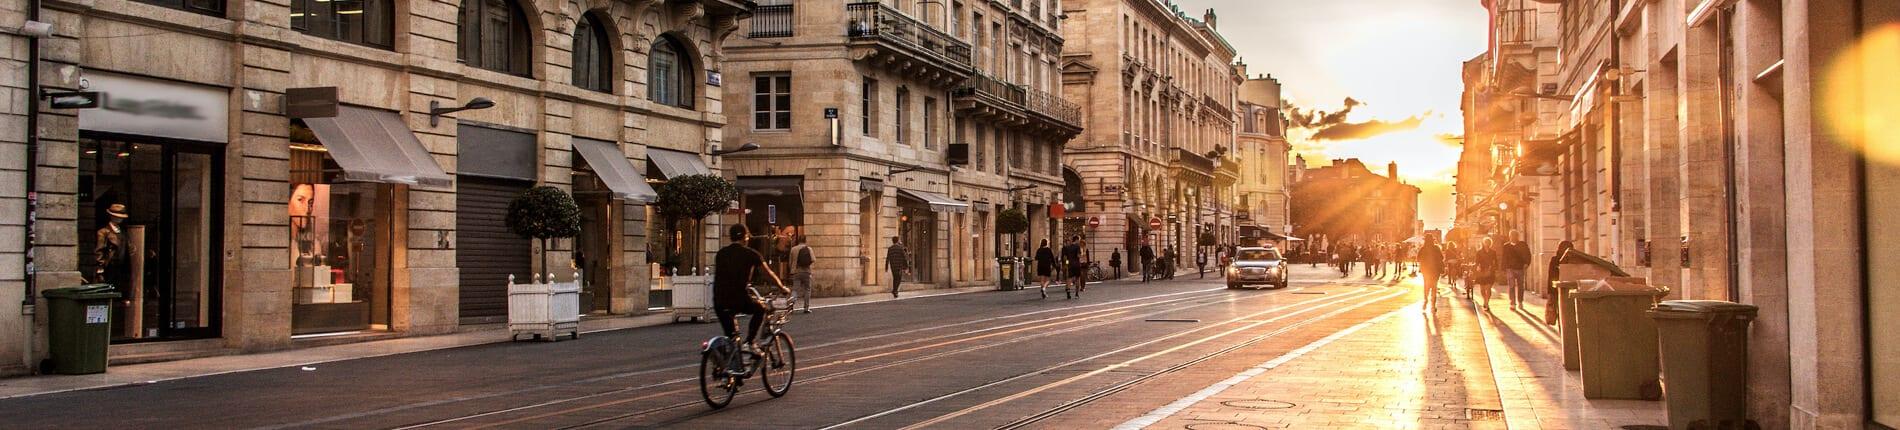 Domiciliez votre entreprise à Bordeaux, une ville dynamique.